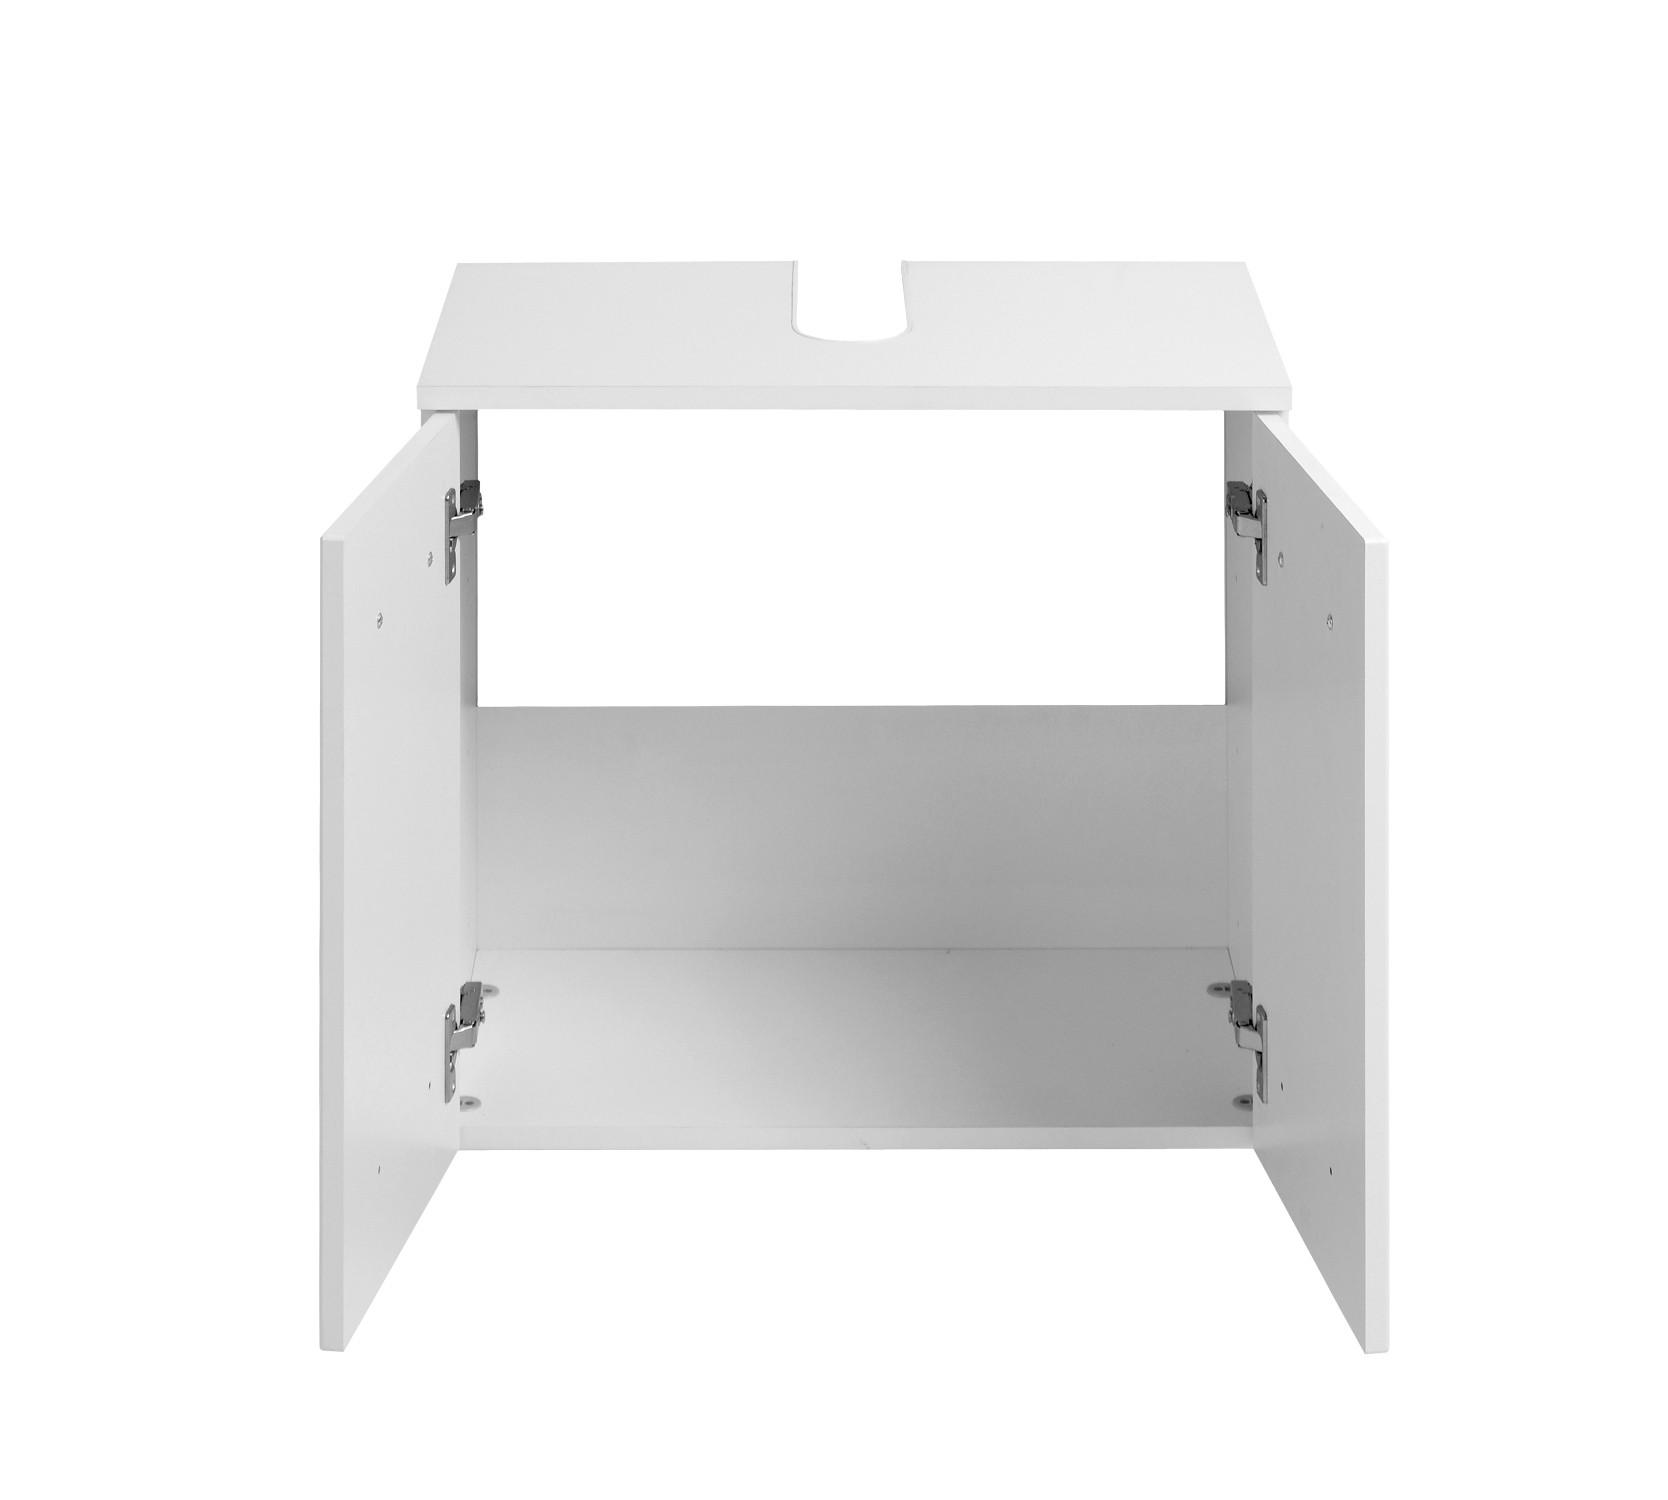 download badezimmer unterschrank 70 cm | vitaplaza, Badezimmer ideen